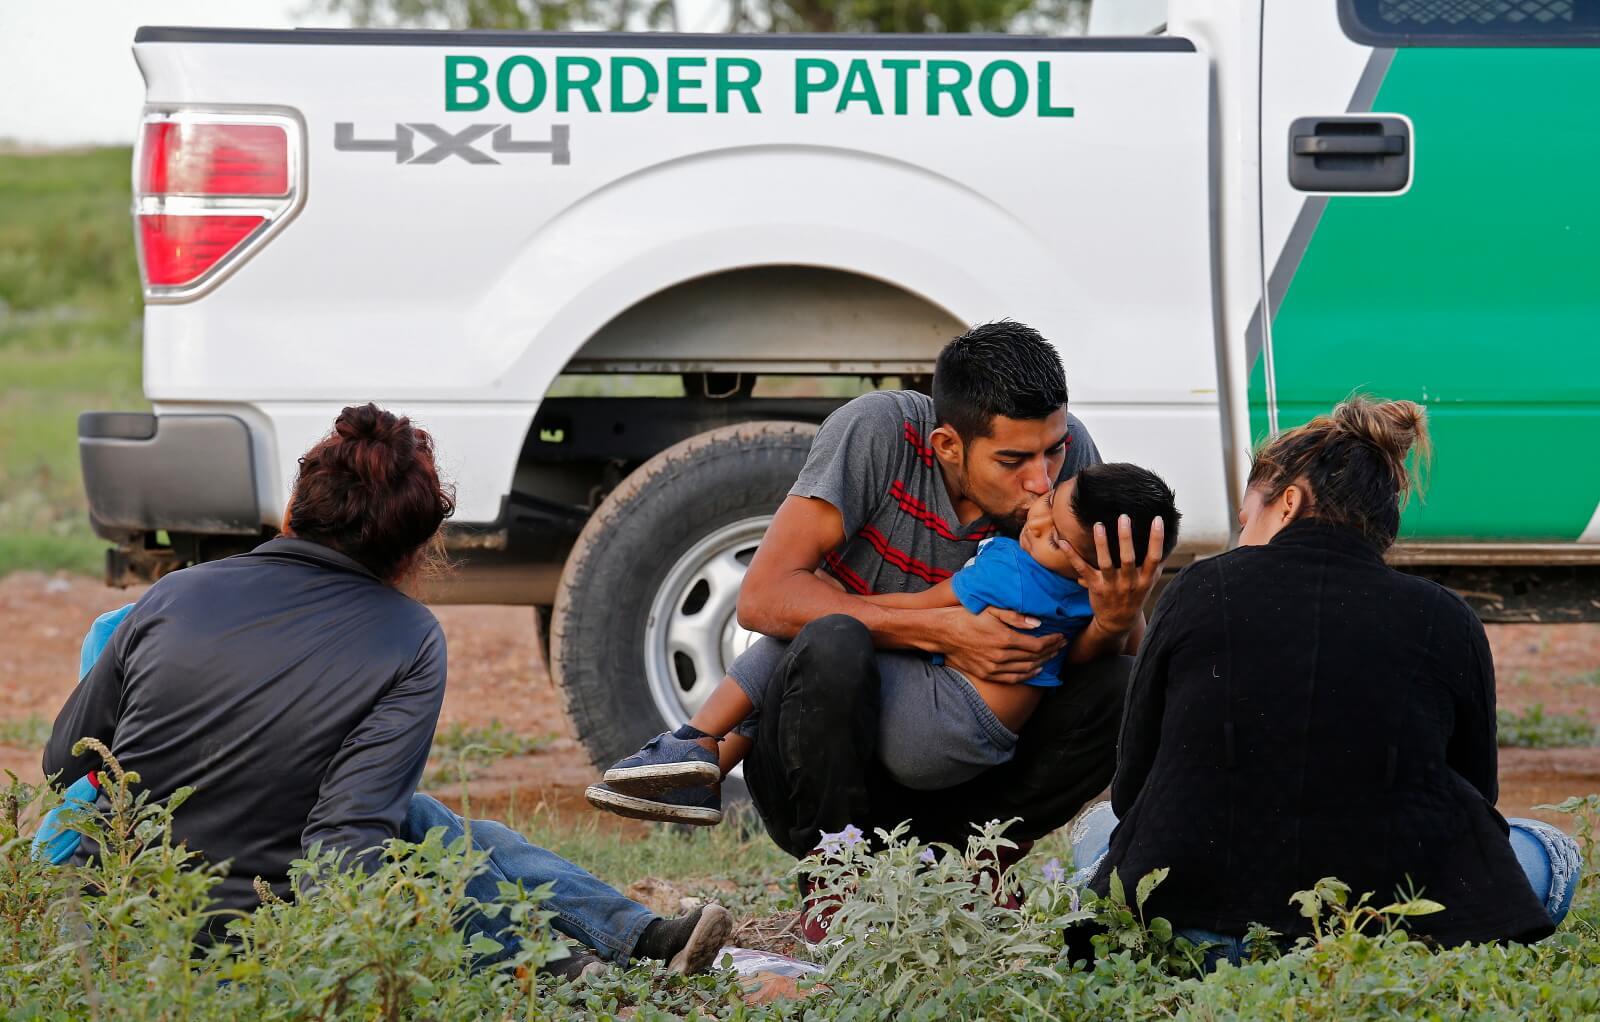 Granica amerykańsko - meksykańska fot. EPA/LARRY W. SMITH